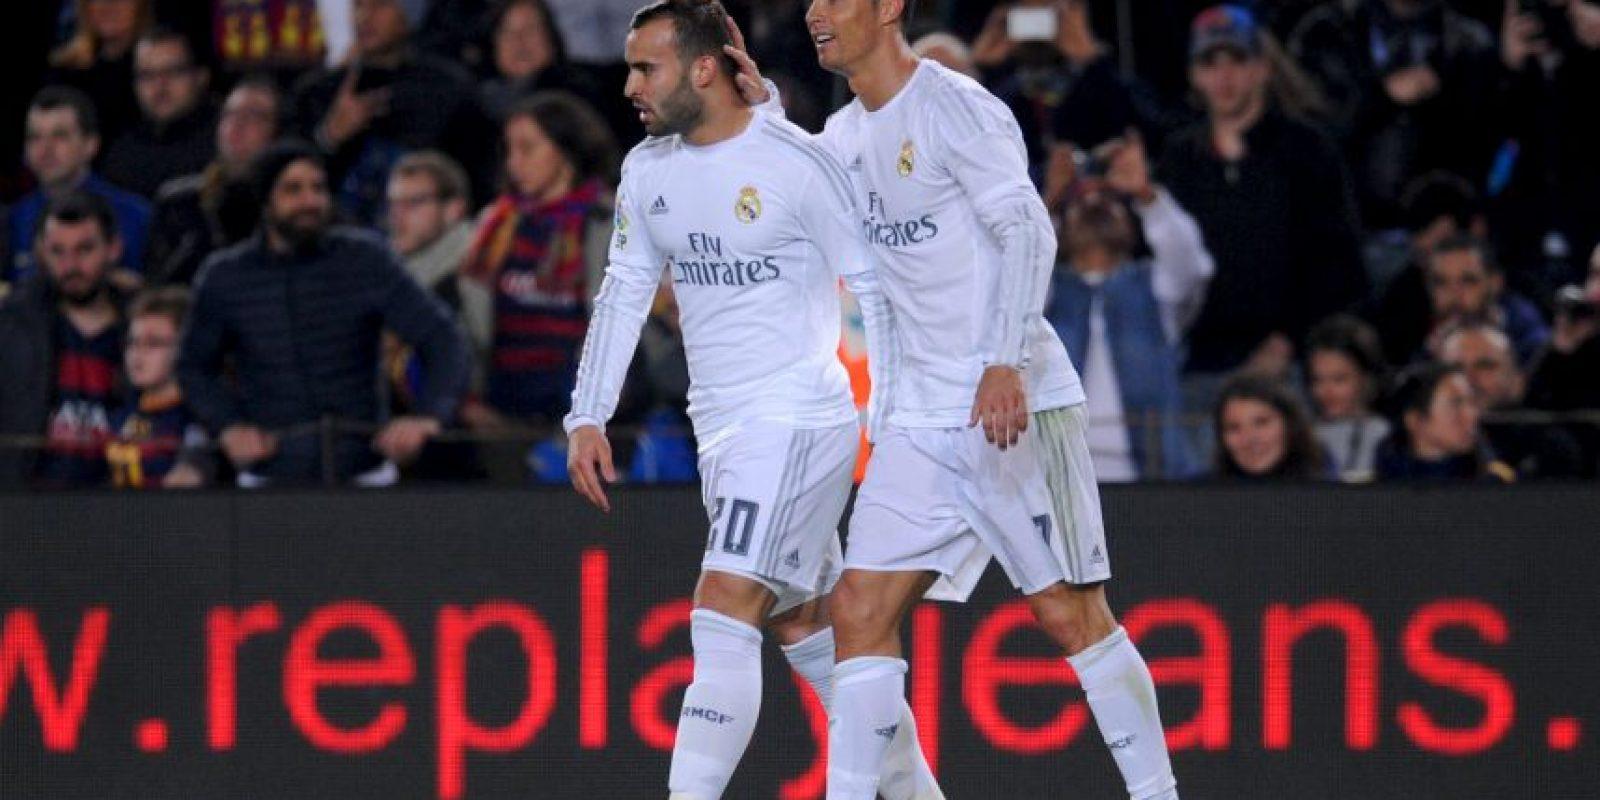 5. Cristiano Ronaldo (Futbolista). Gana 180.38 dólares por segundo Foto:Getty Images. Imagen Por: